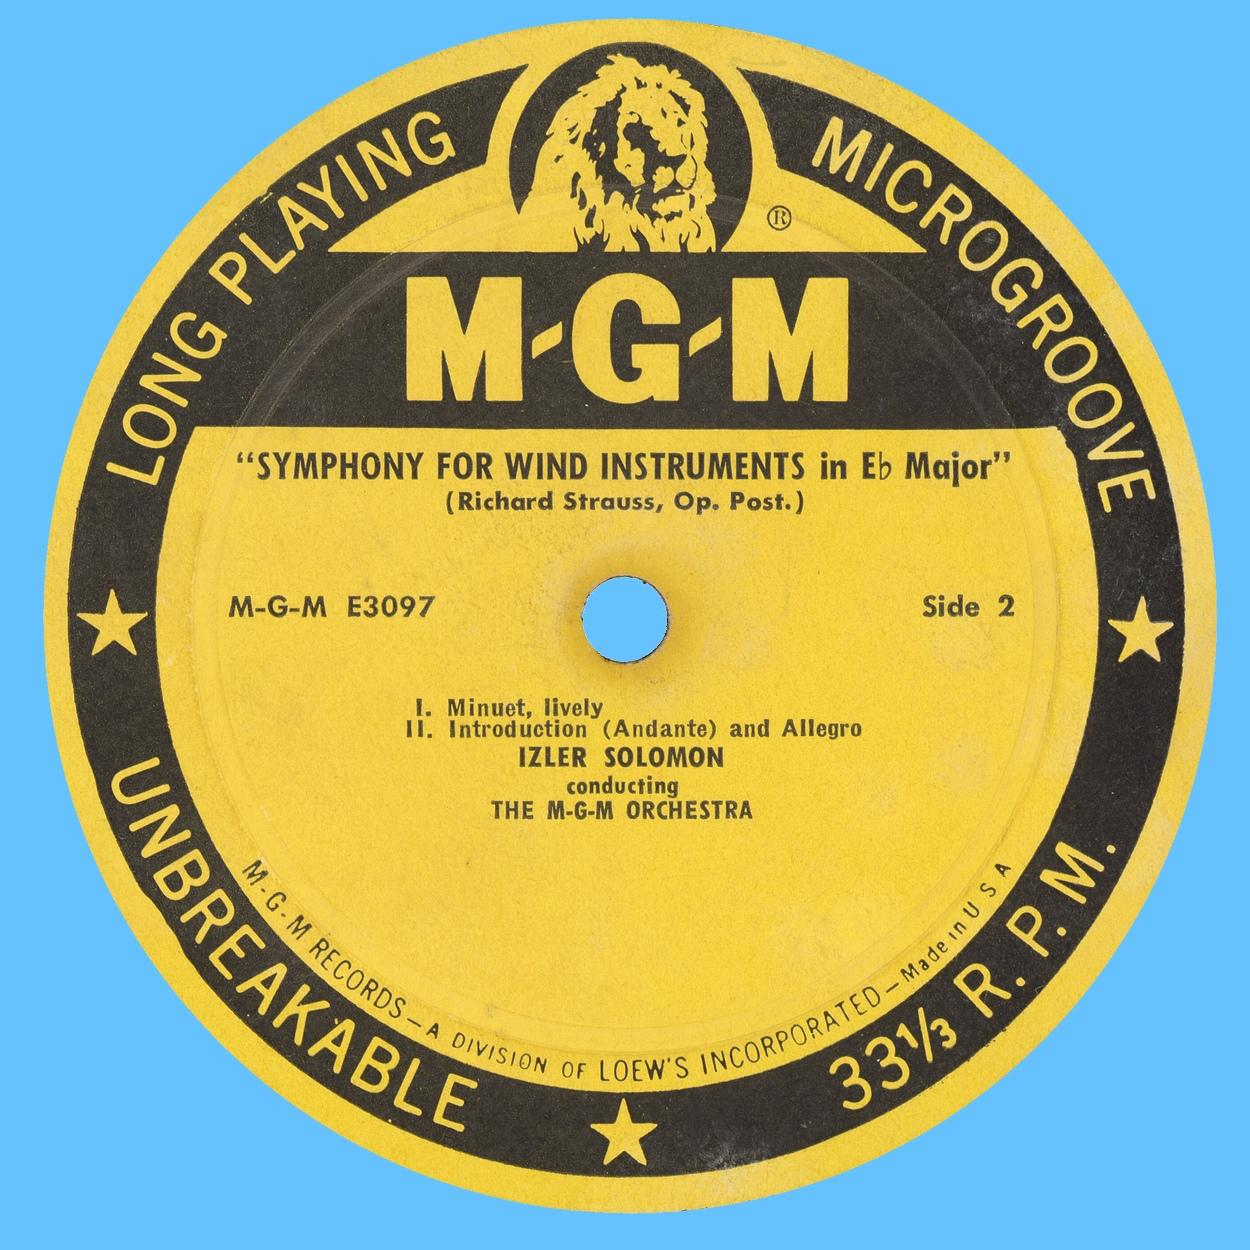 Étiquette verso du disque MGM Records E 3097